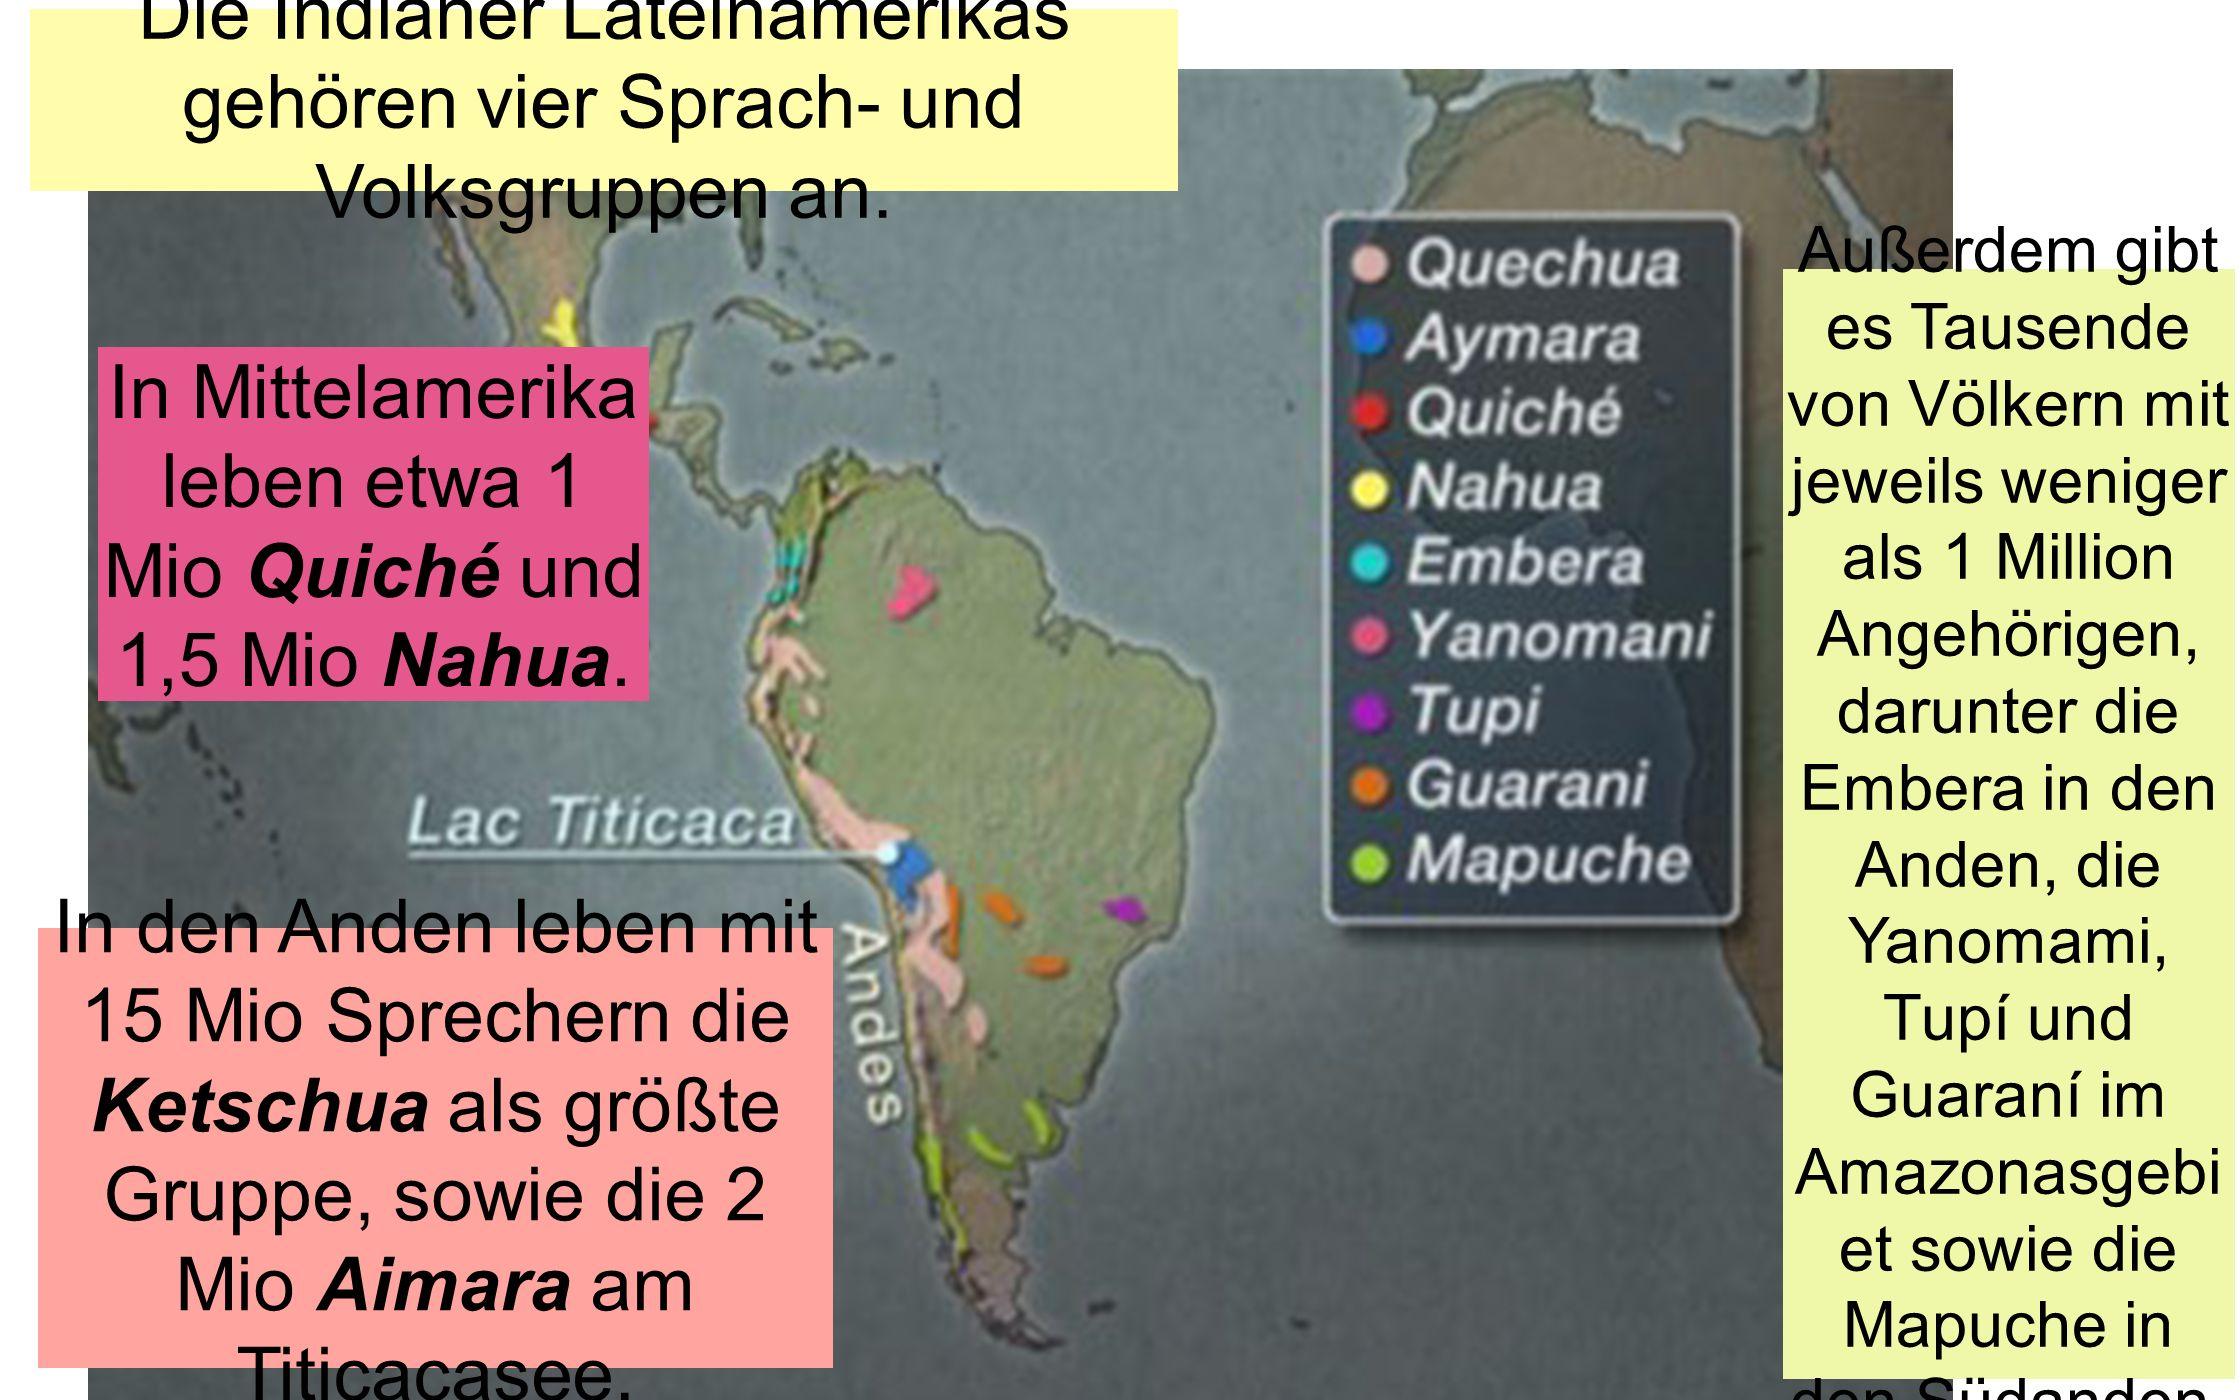 Die Indianer Lateinamerikas gehören vier Sprach- und Volksgruppen an.